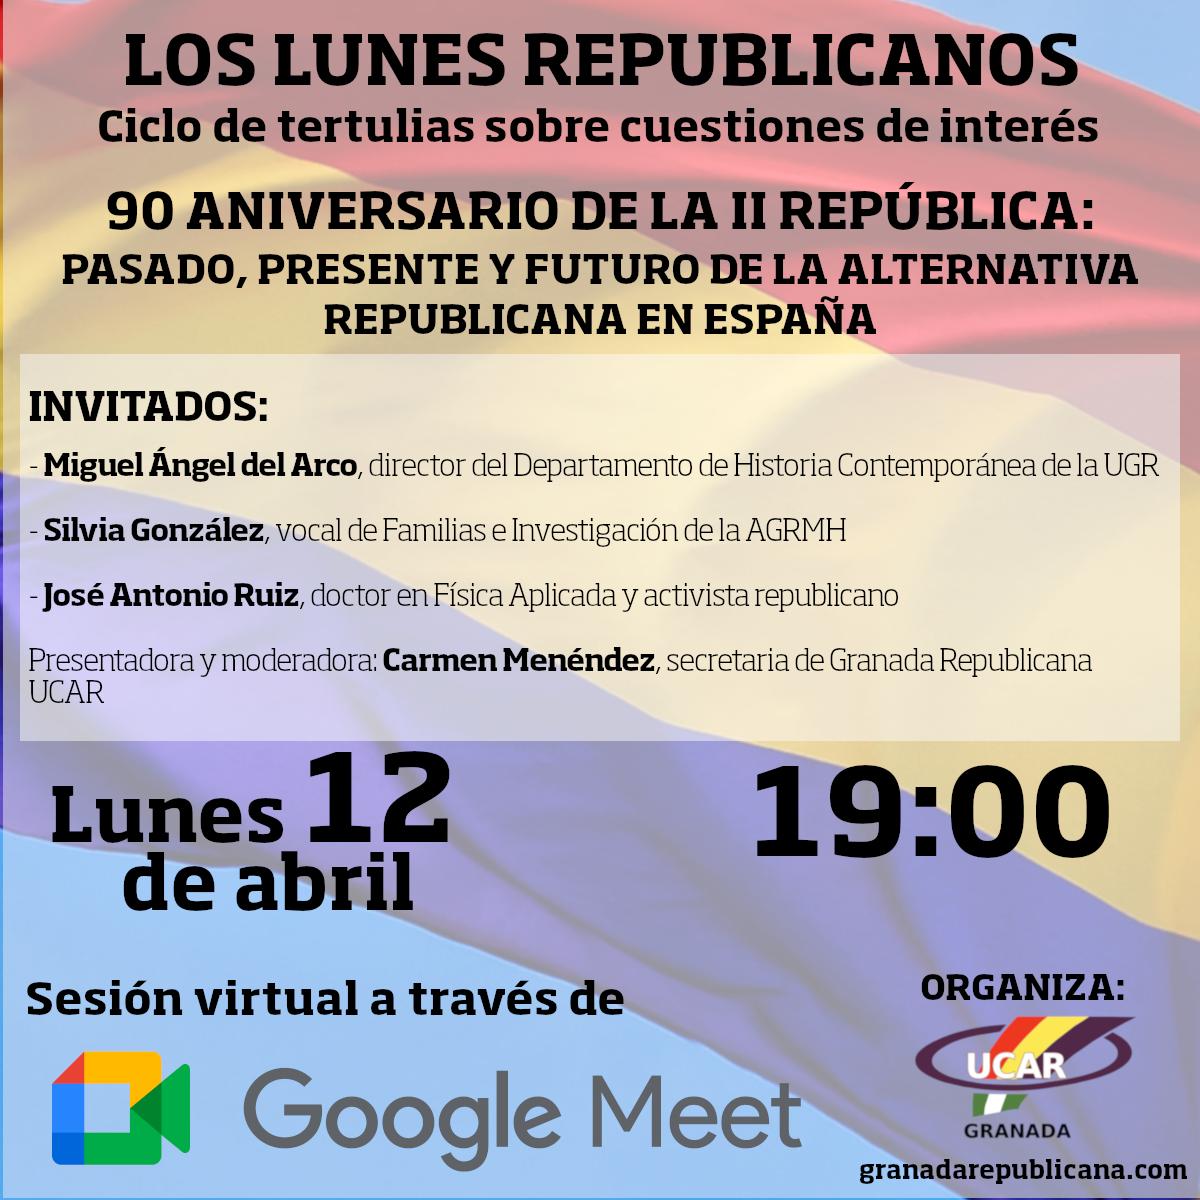 Los lunes republicanos. 90 Aniversario República.